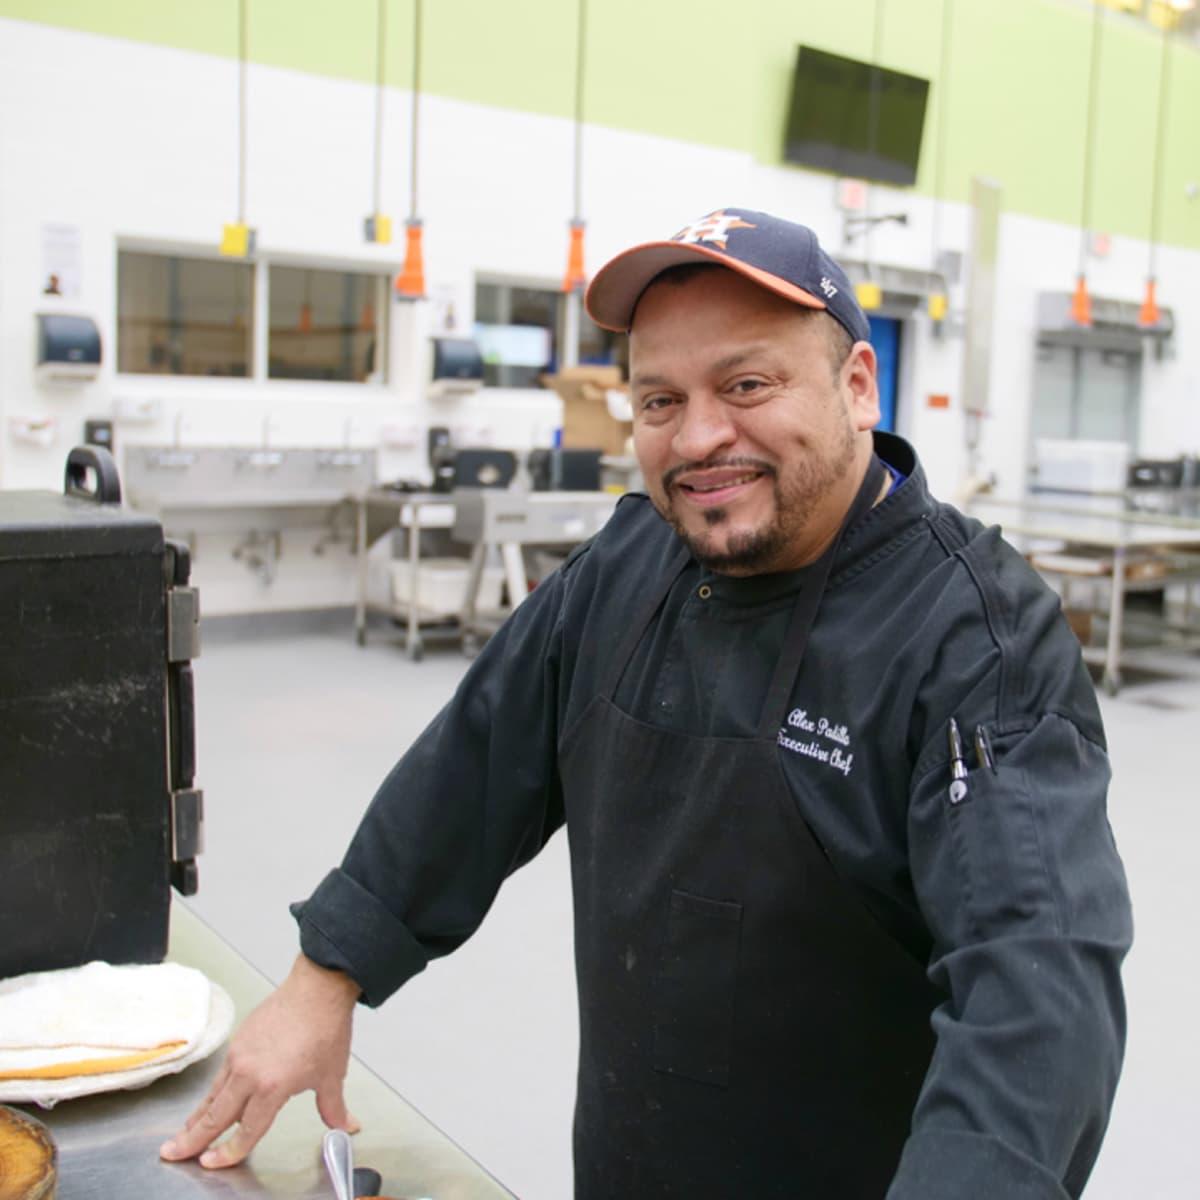 Chef Alex Padilla Best Chef on the Block